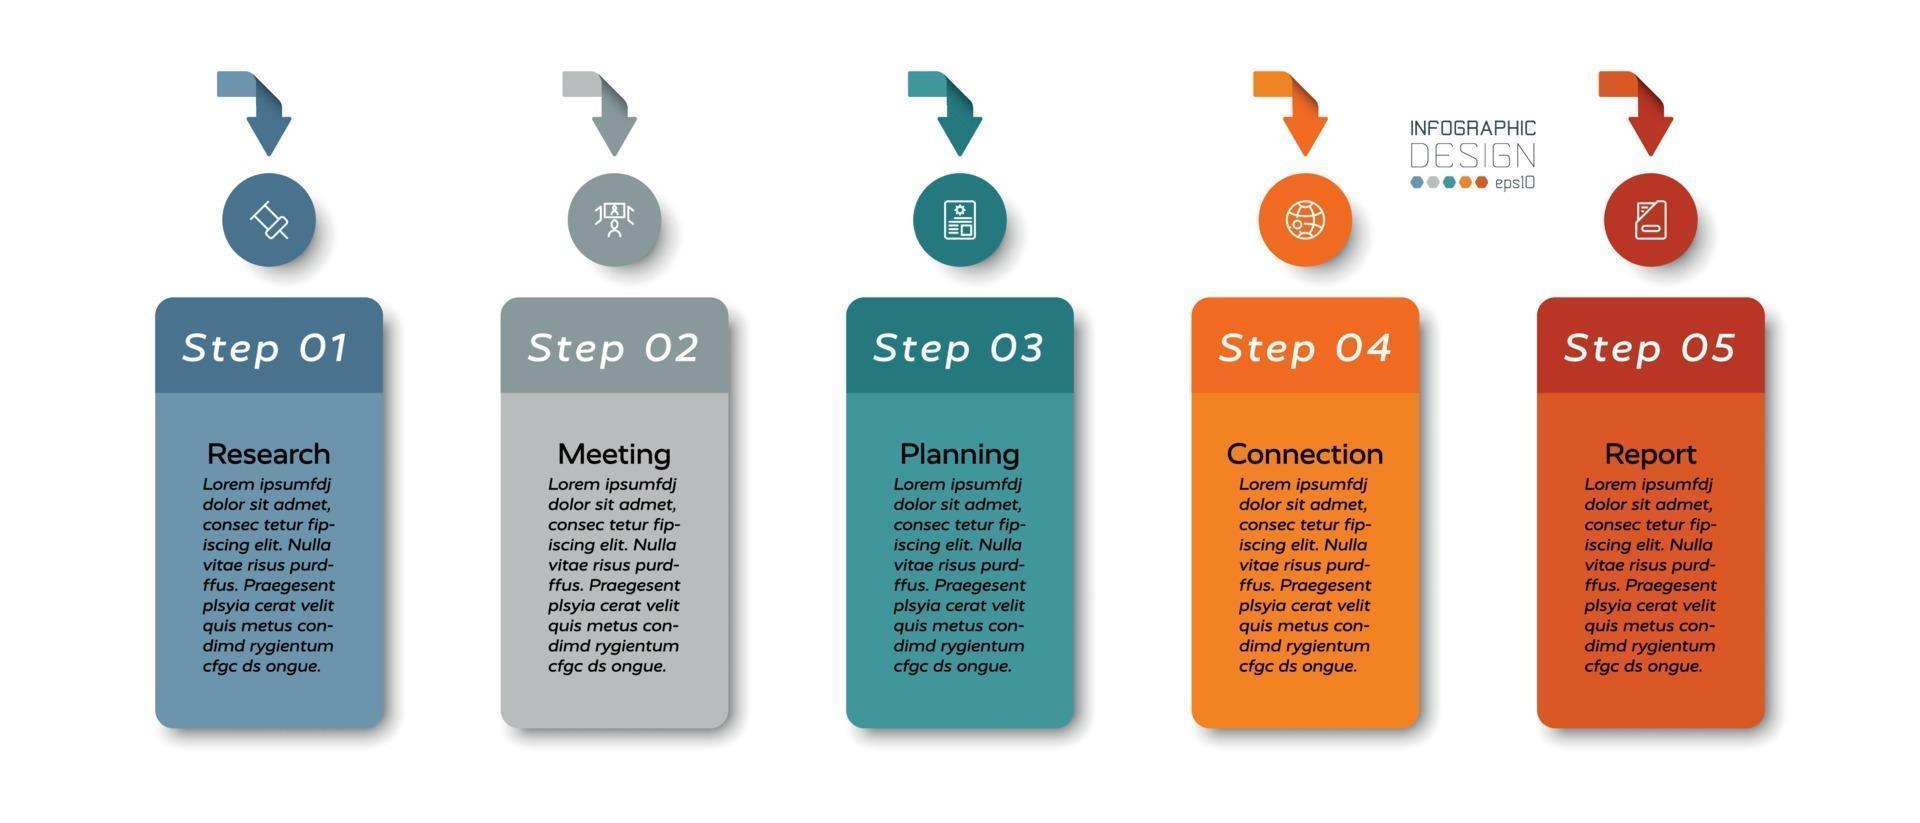 5 stappen voor presentaties in business, organisatie, marketing en educatie by design square. infographic ontwerp. vector